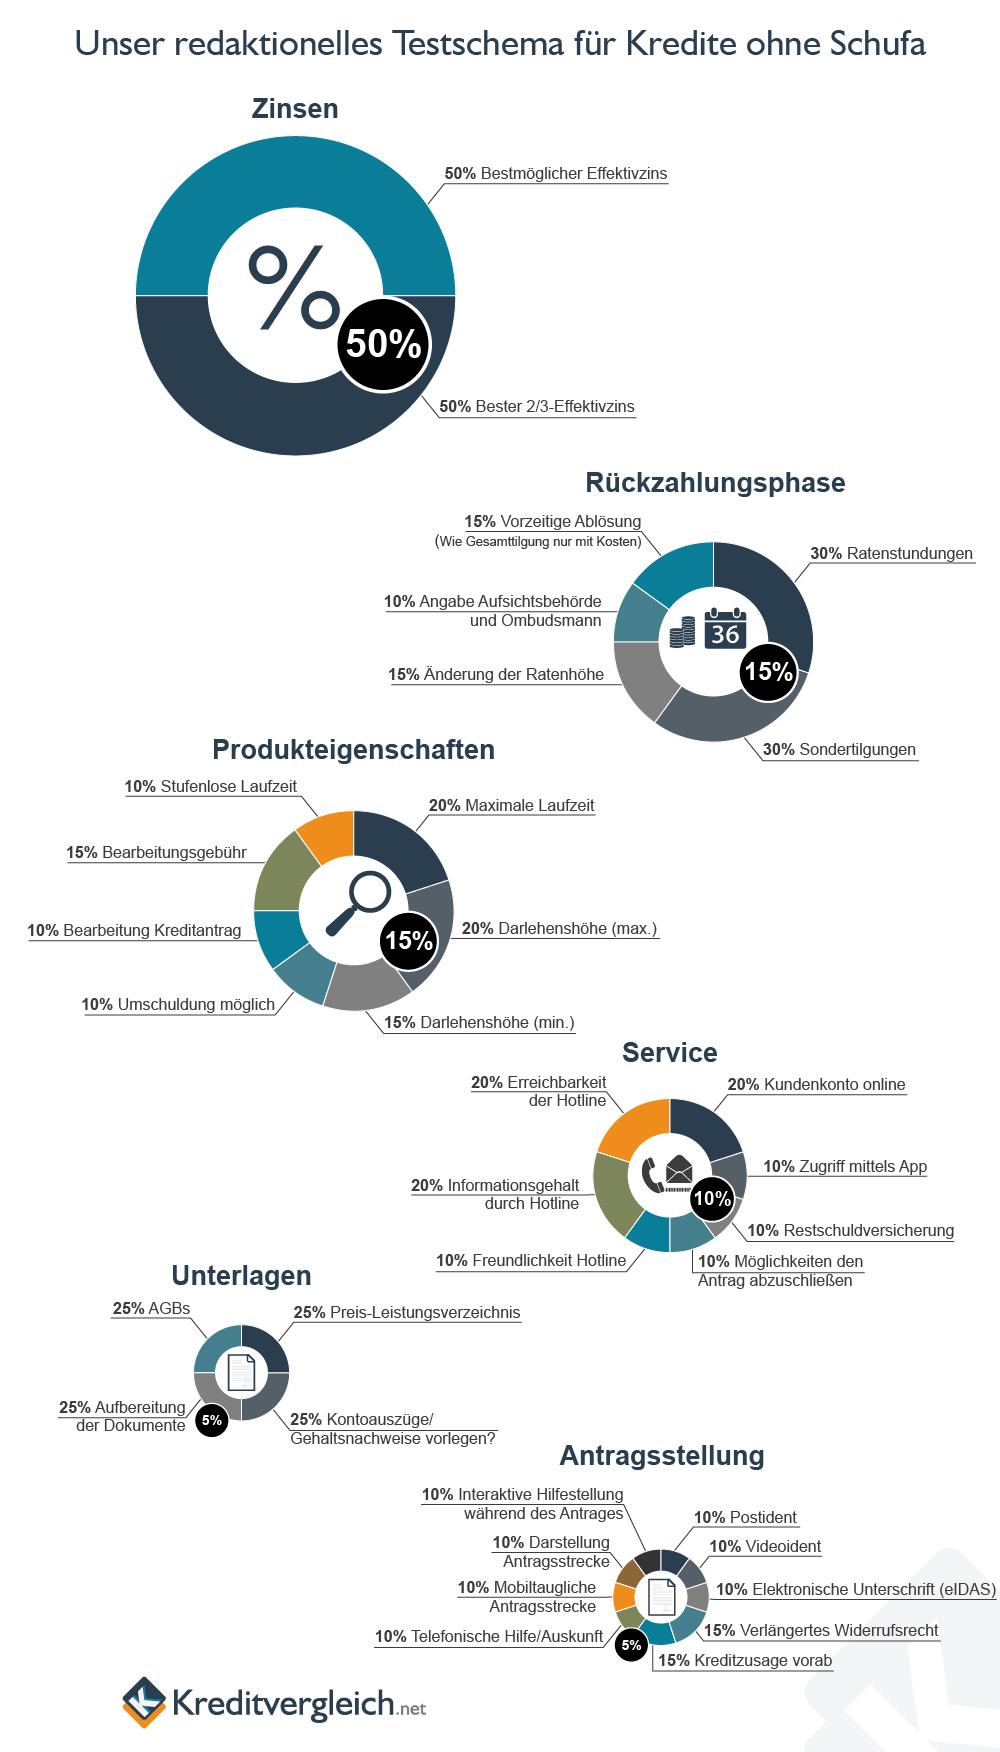 Eine Infografik mit Kreisdiagrammen über unser redaktionelles Testschema für Kredite ohne SCHUFA